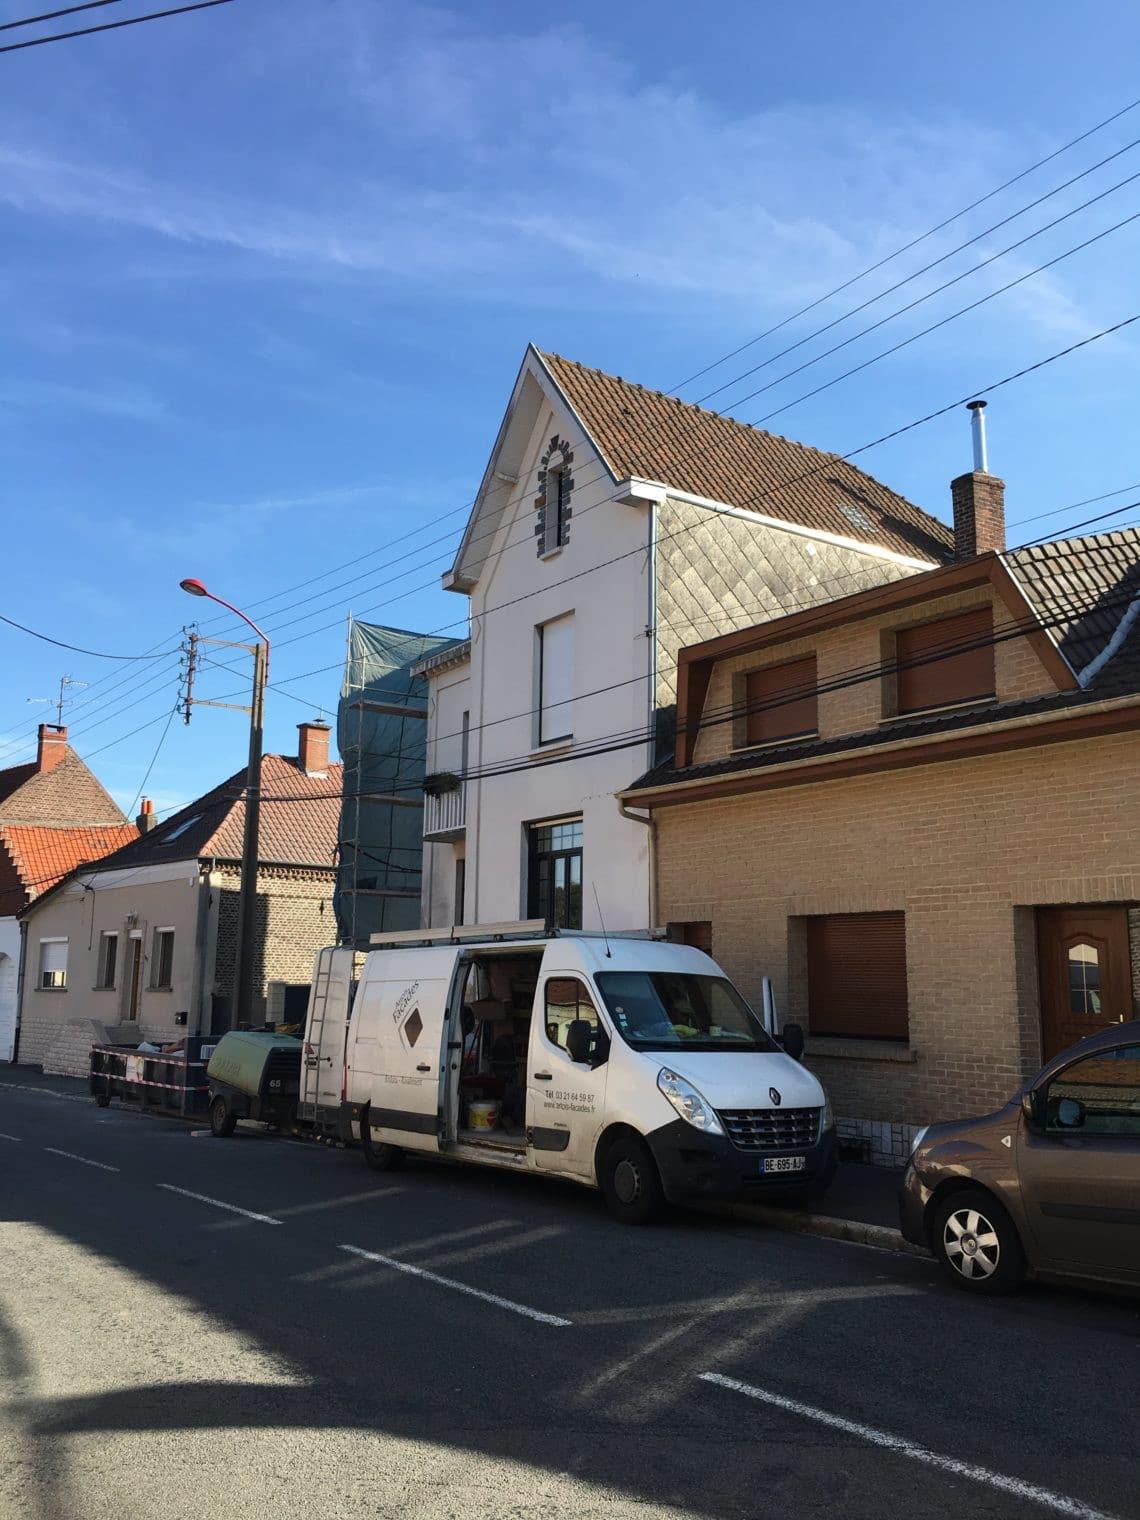 Urbel_renovation_facade_calonne_ricouart-5-1140x1520.jpg